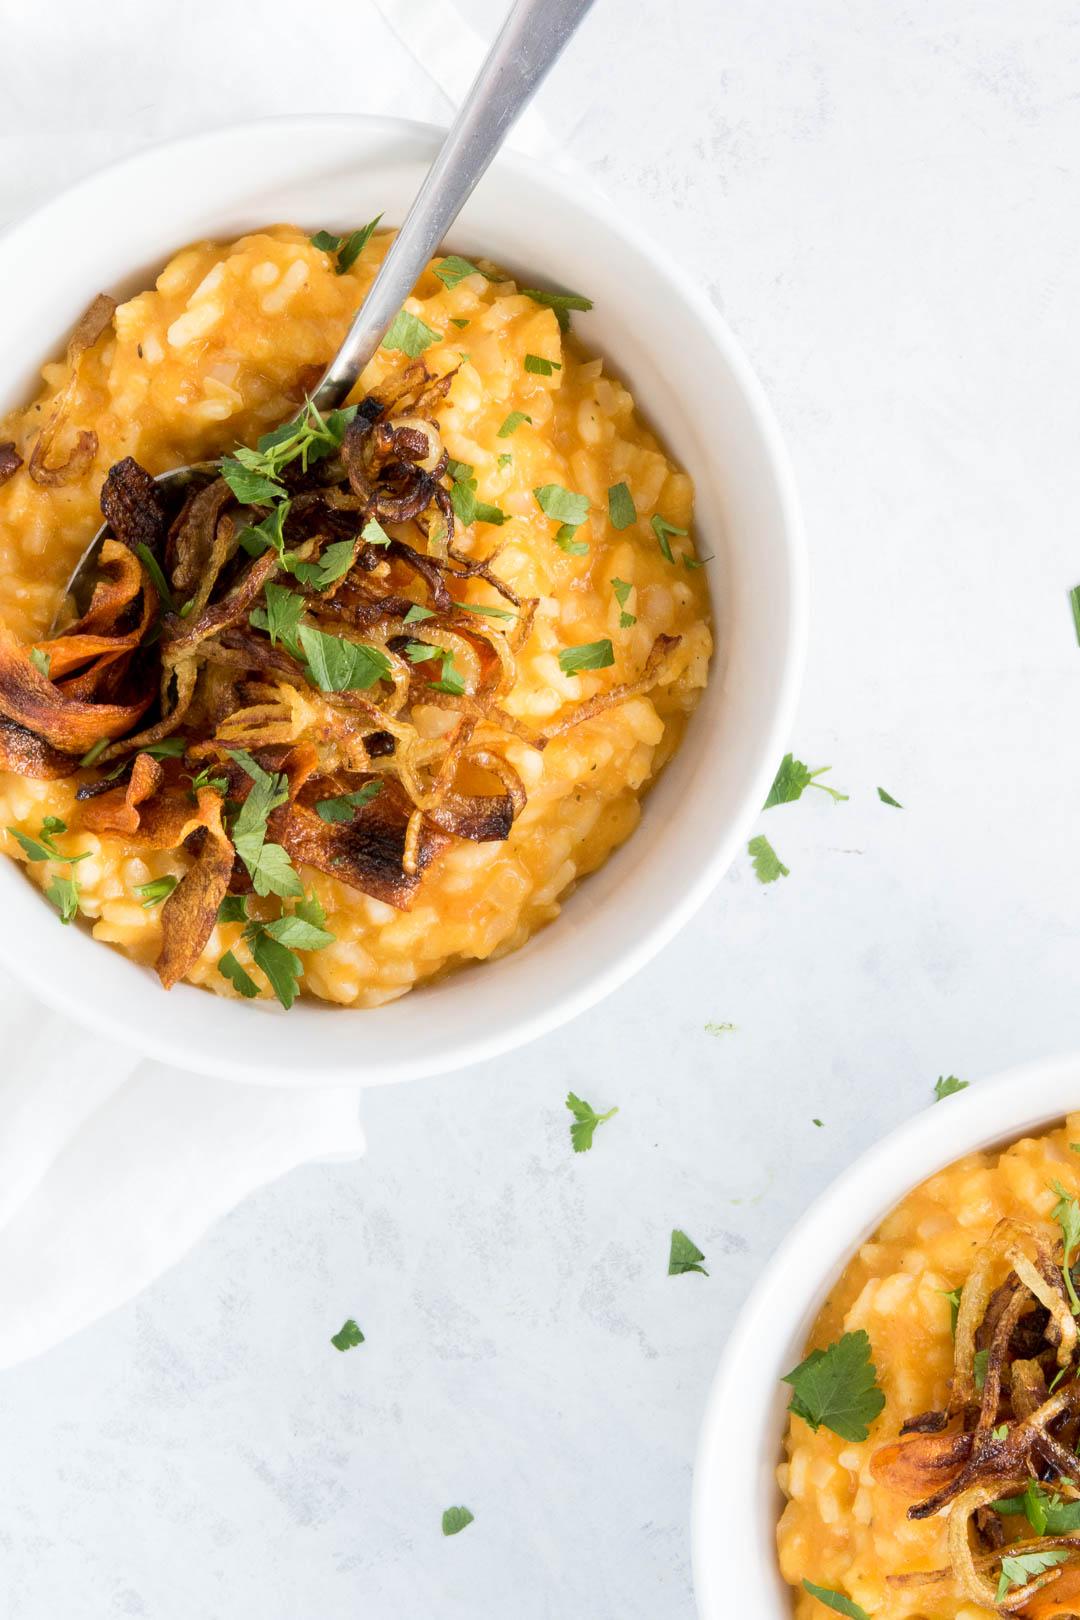 Opskrift med risotto med gulerødder og stegte løg